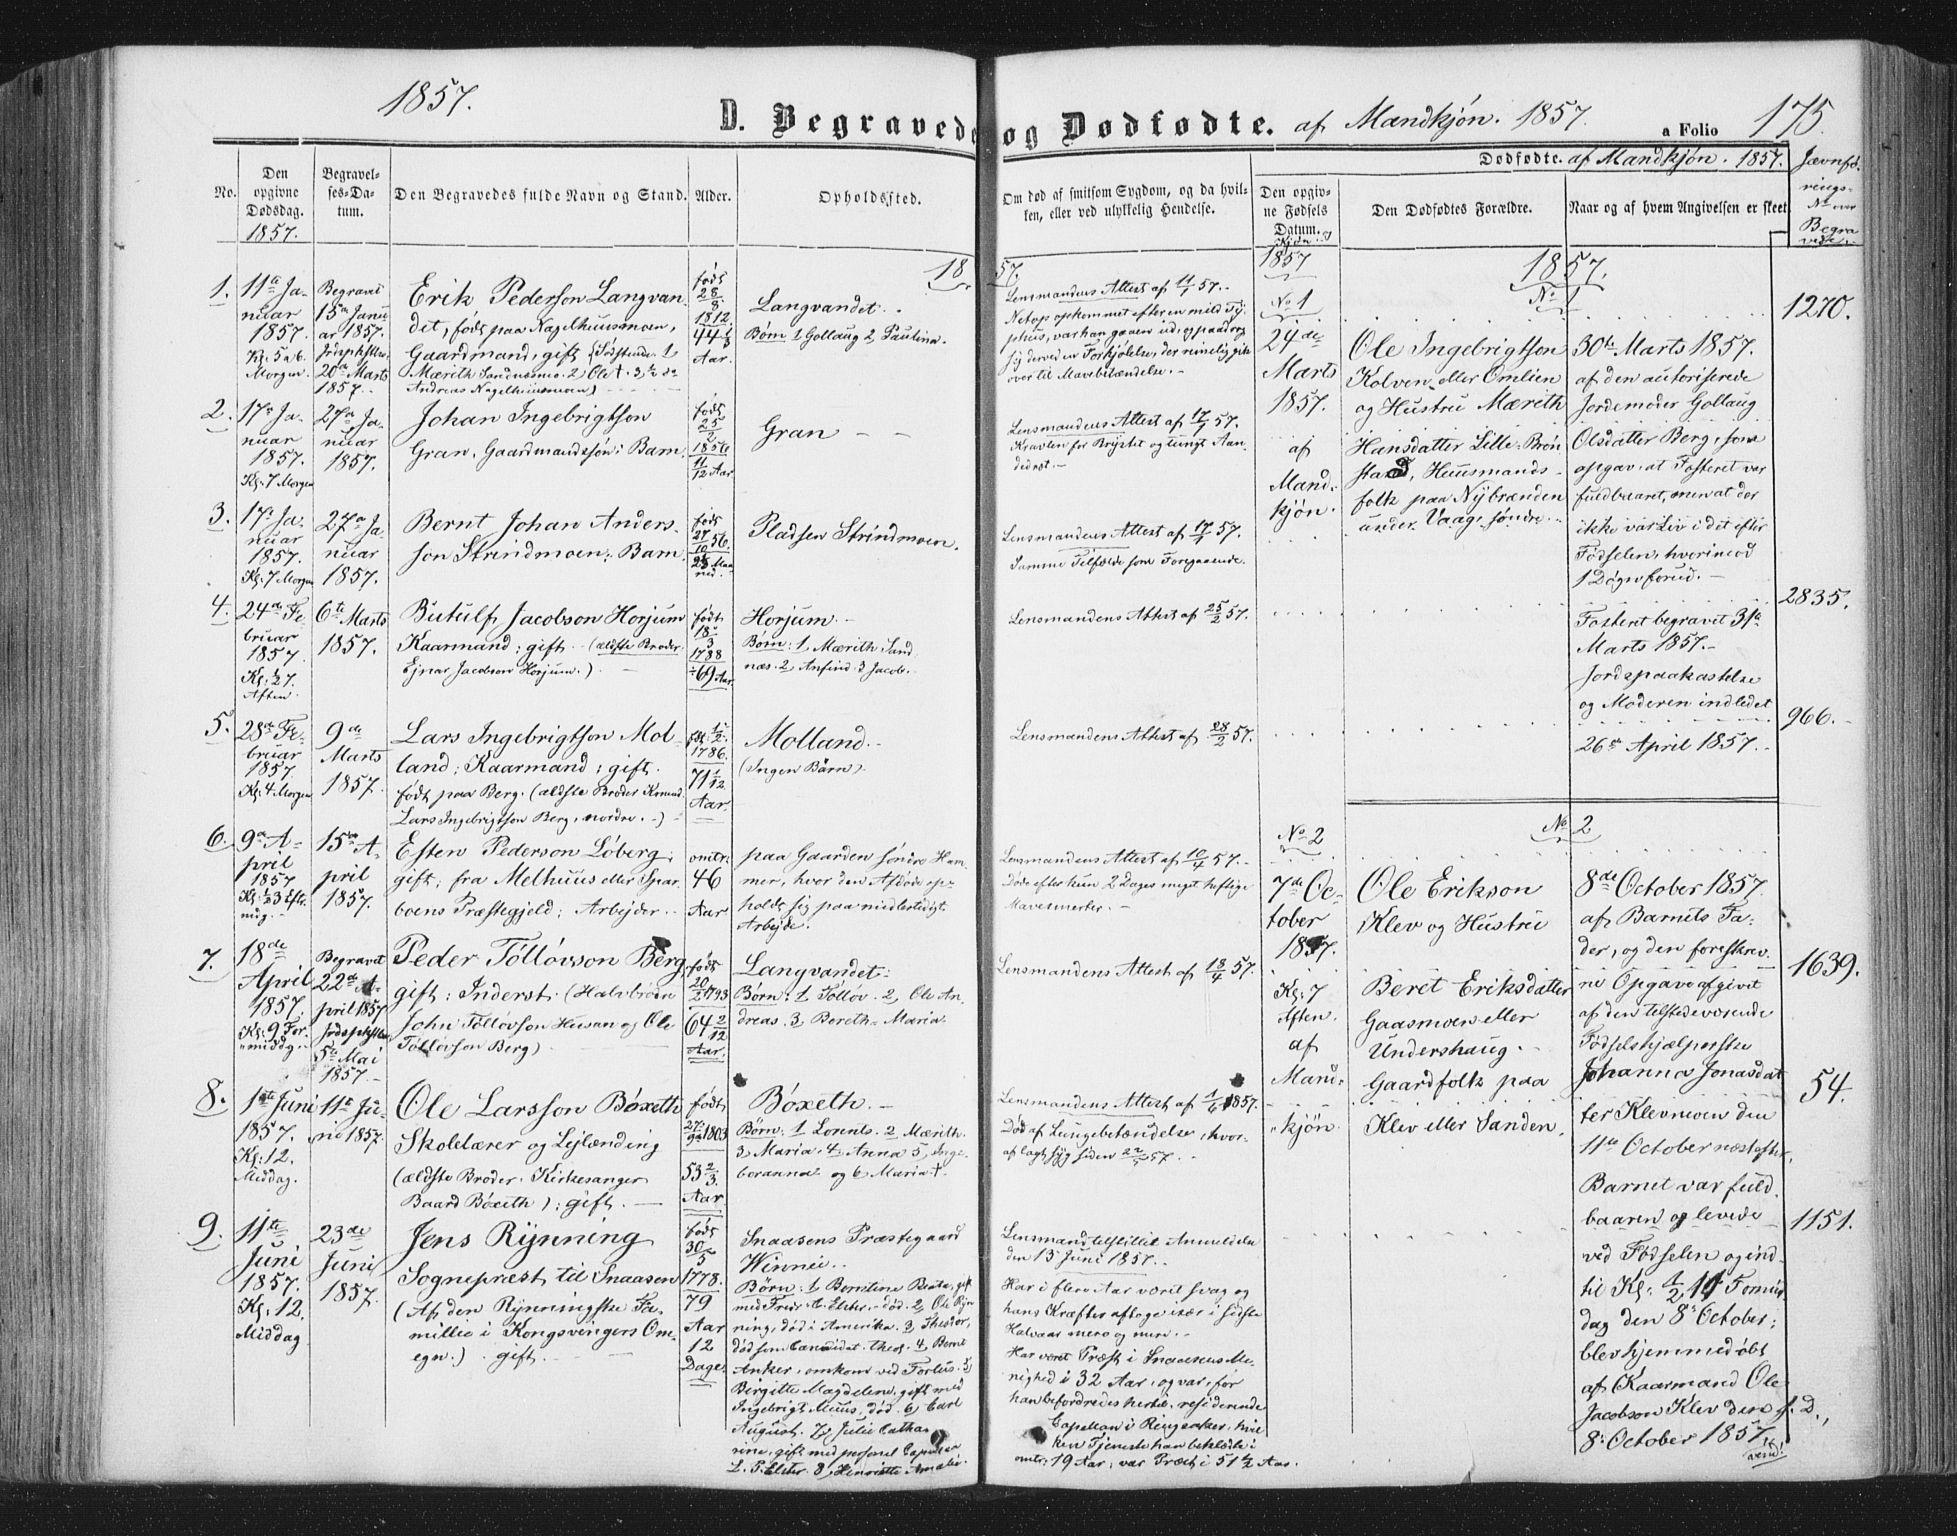 SAT, Ministerialprotokoller, klokkerbøker og fødselsregistre - Nord-Trøndelag, 749/L0472: Ministerialbok nr. 749A06, 1857-1873, s. 175